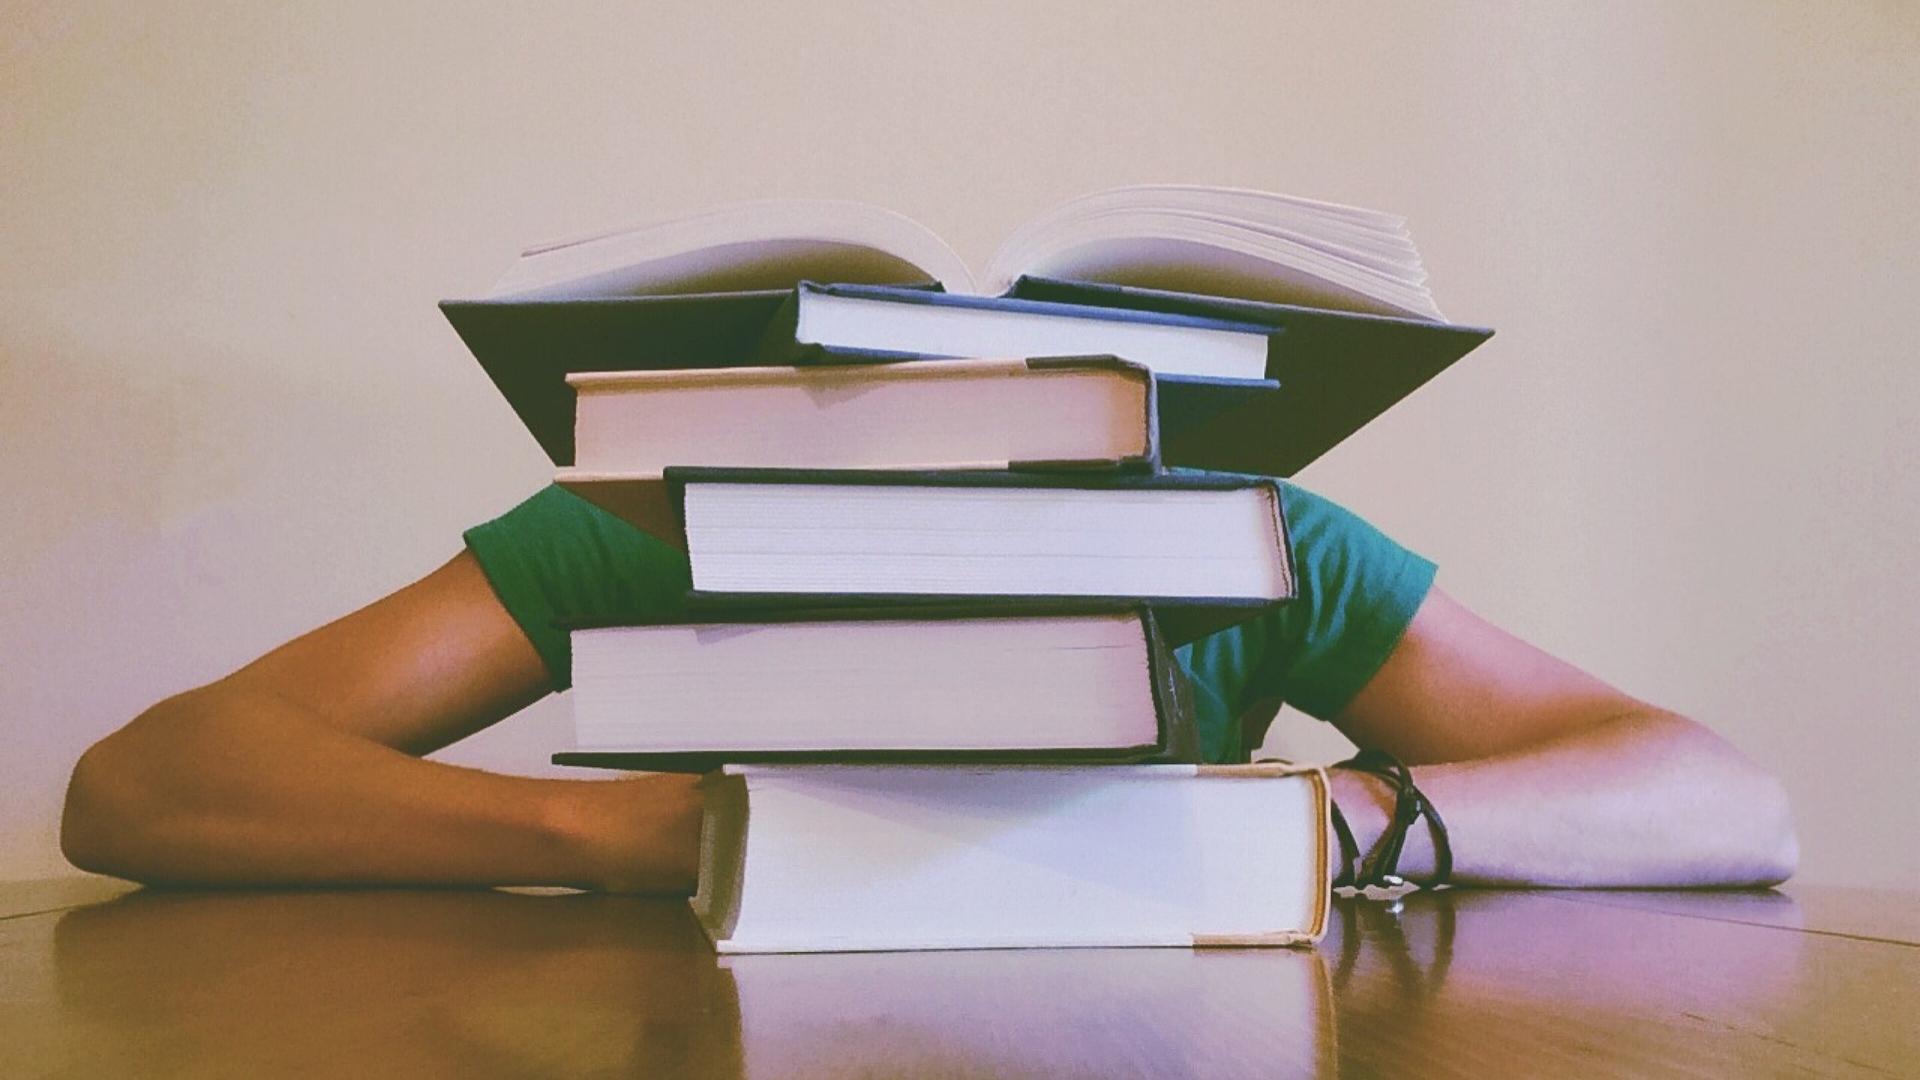 Czy studia są w życiu potrzebne? Jak się żyje bez wyższego wykształcenia w różnych krajach? Blog o prowadzeniu firmy